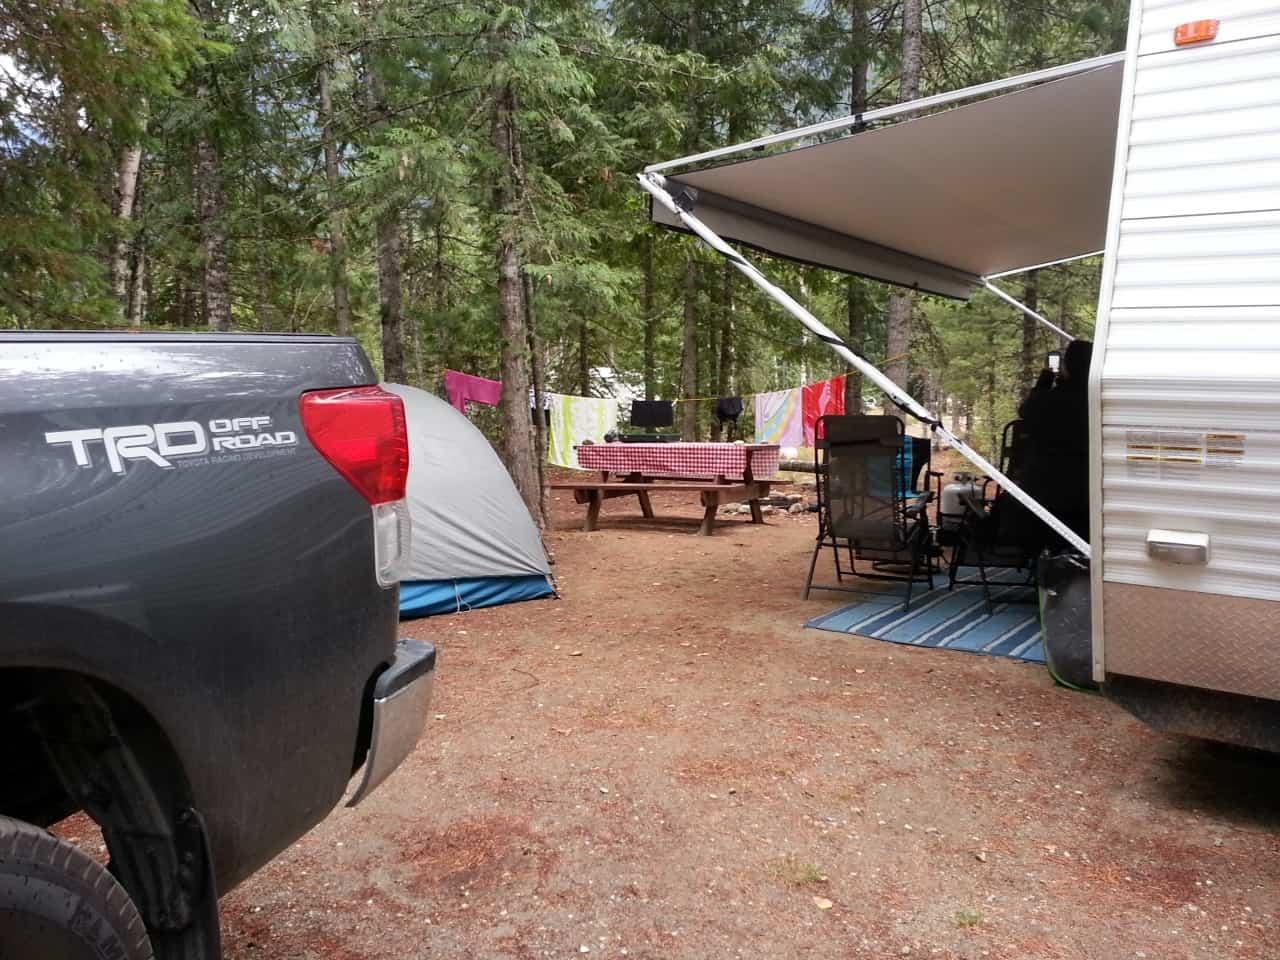 65568f332b2b60c42908178d.jpg - Family Camping Memories